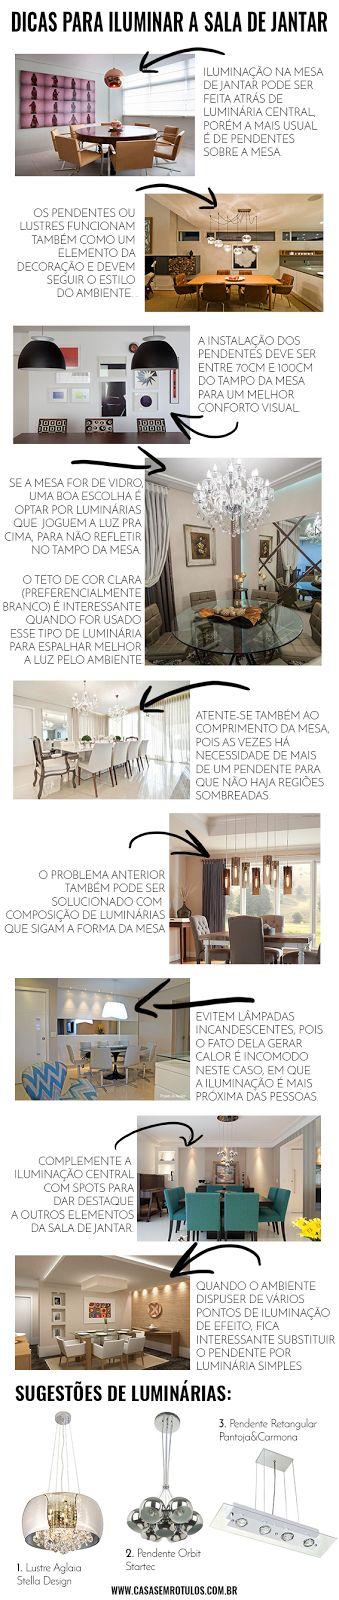 Essa semana vamos ver aqui no blog diversas dicas para iluminar sua casa . Os posts vão ser divididos em três partes: Iluminação Geral, d...